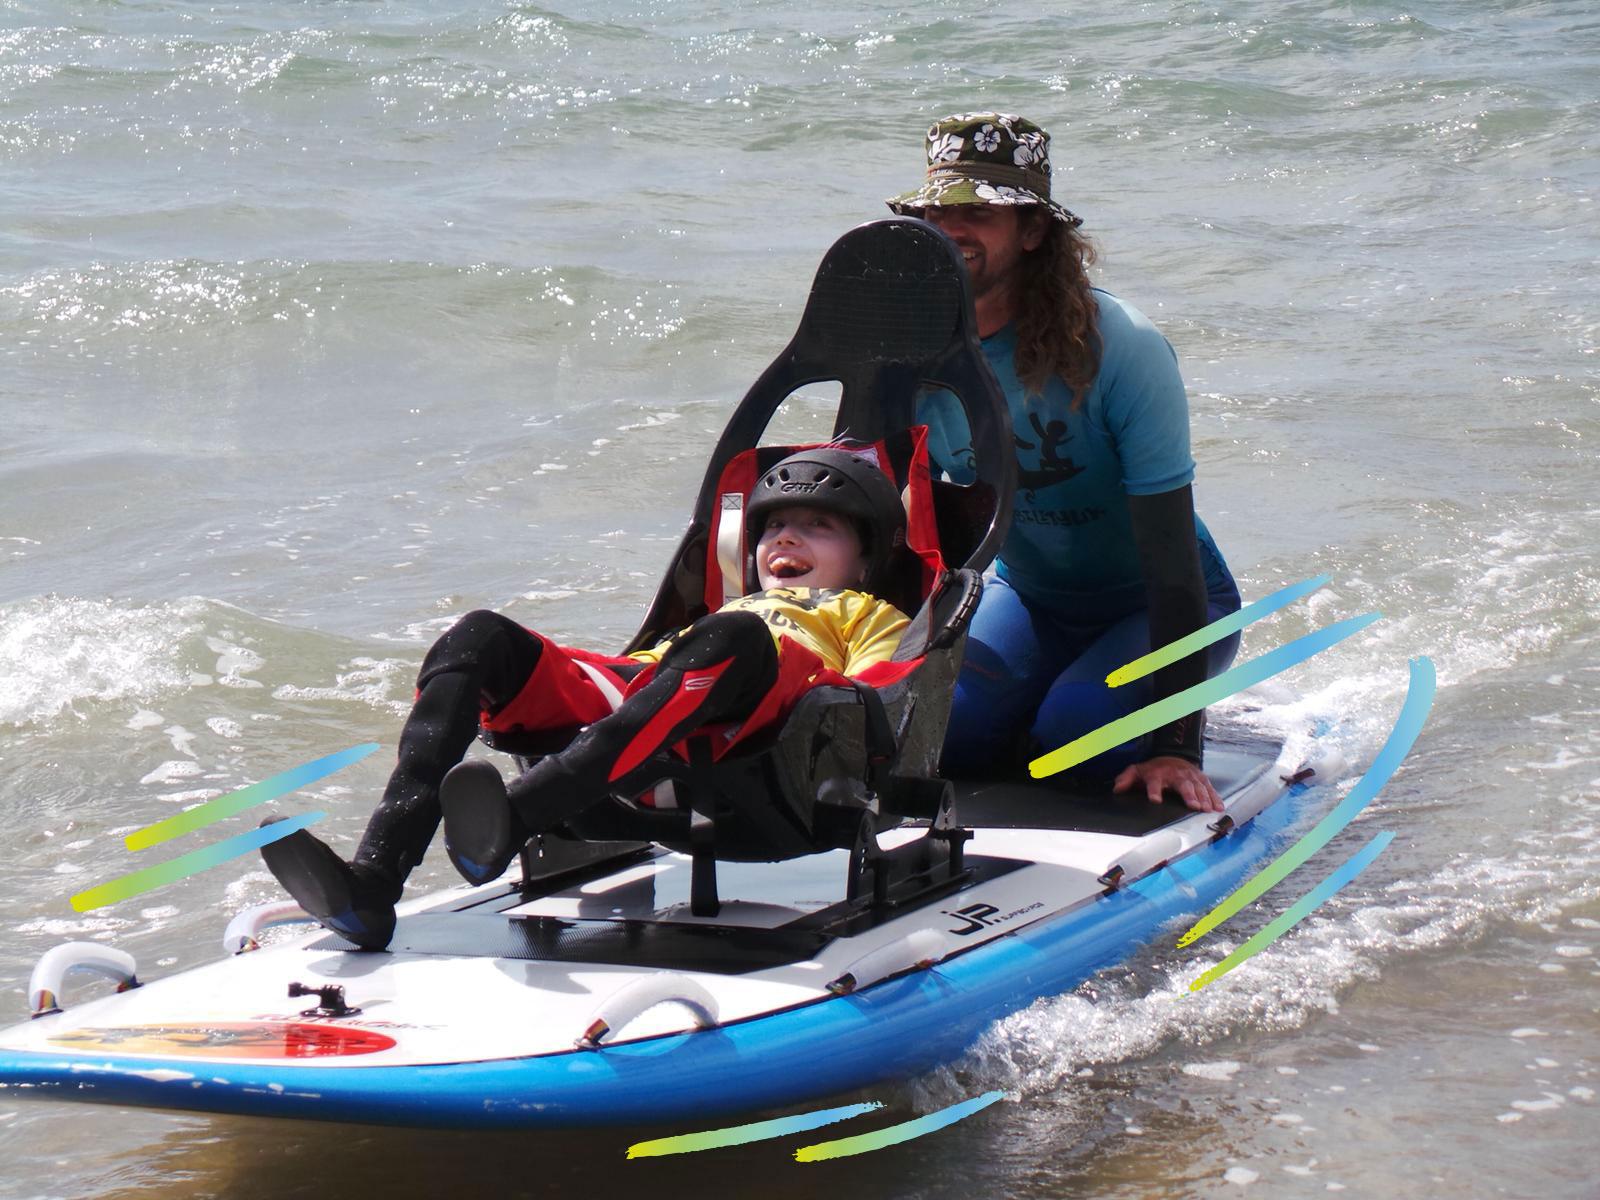 Alex Macpherson Surfing